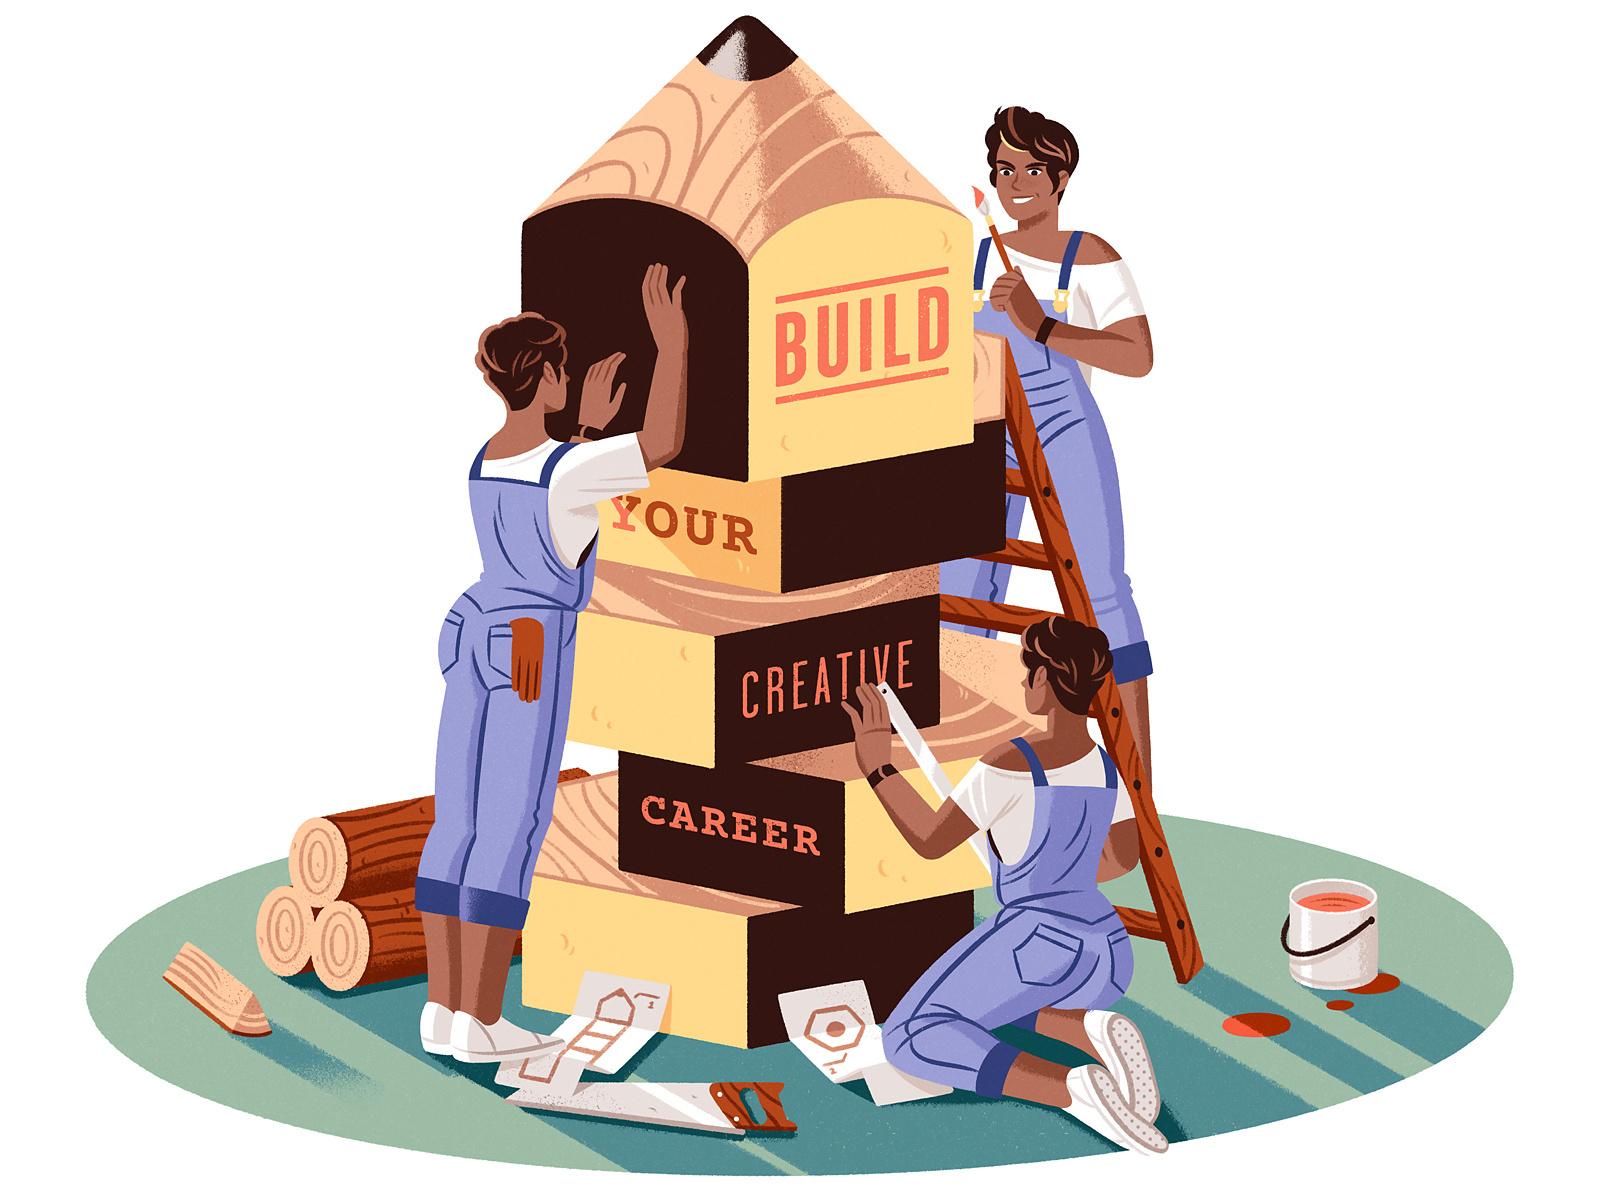 Build your creative career by Raúl Gil